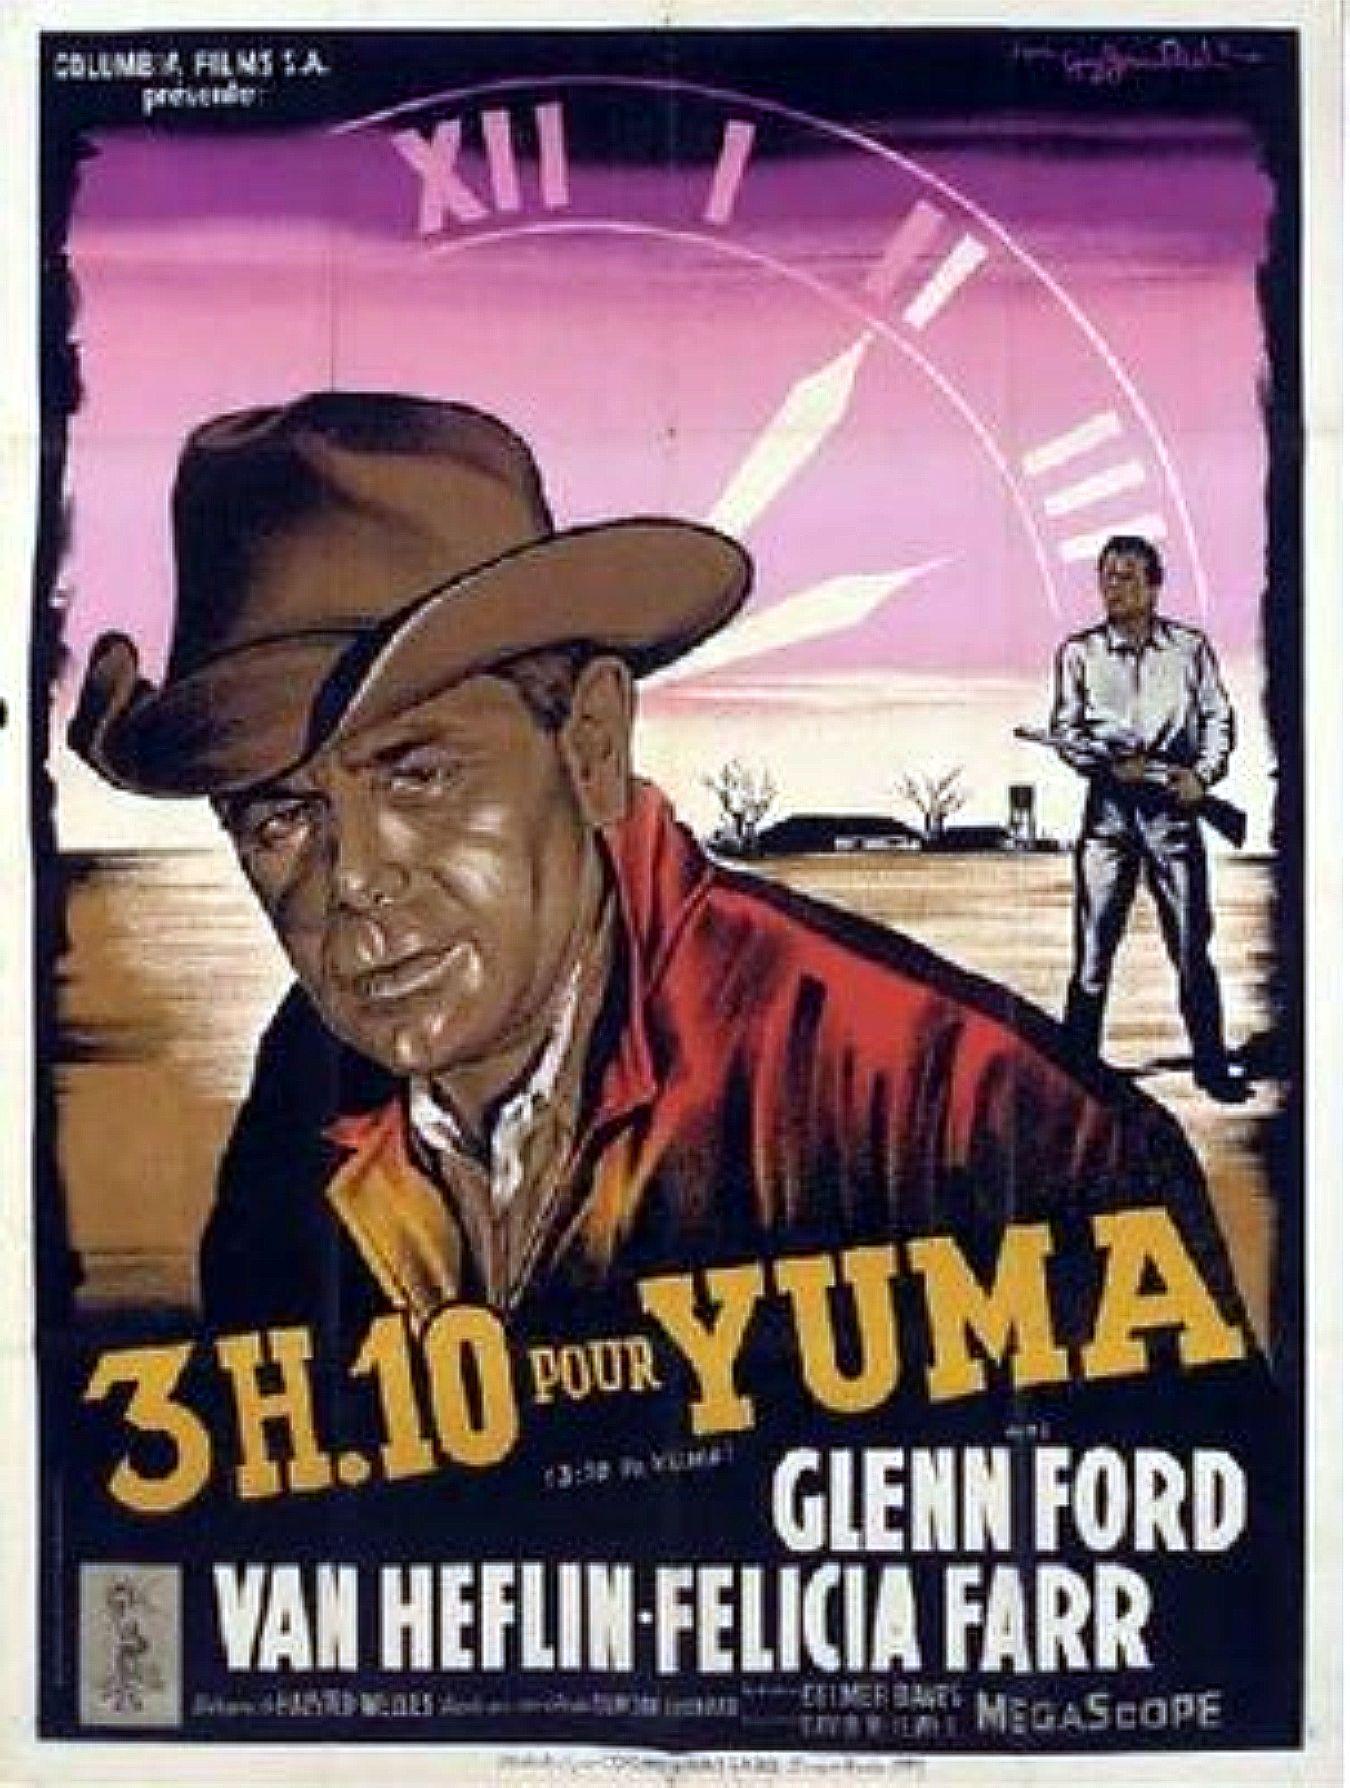 310toyumaposter 3 10 to yuma western movies movie